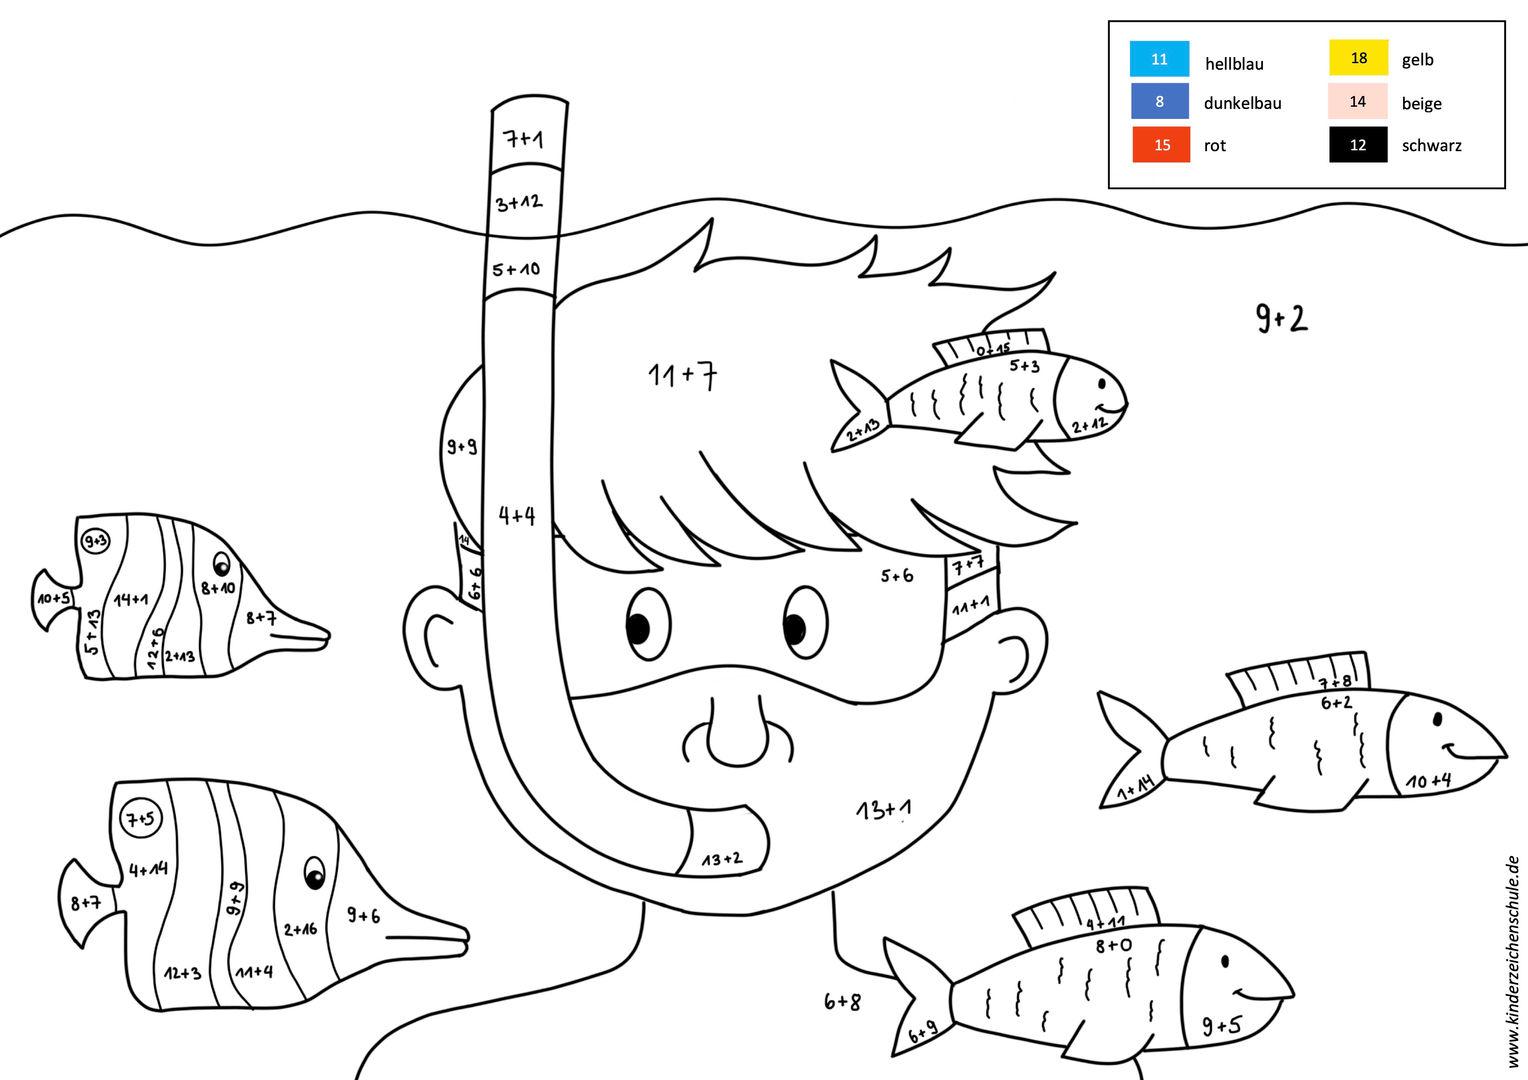 Unterwasserwelt mit Fischen und Junge Malen nach Zahlen Aufgabe